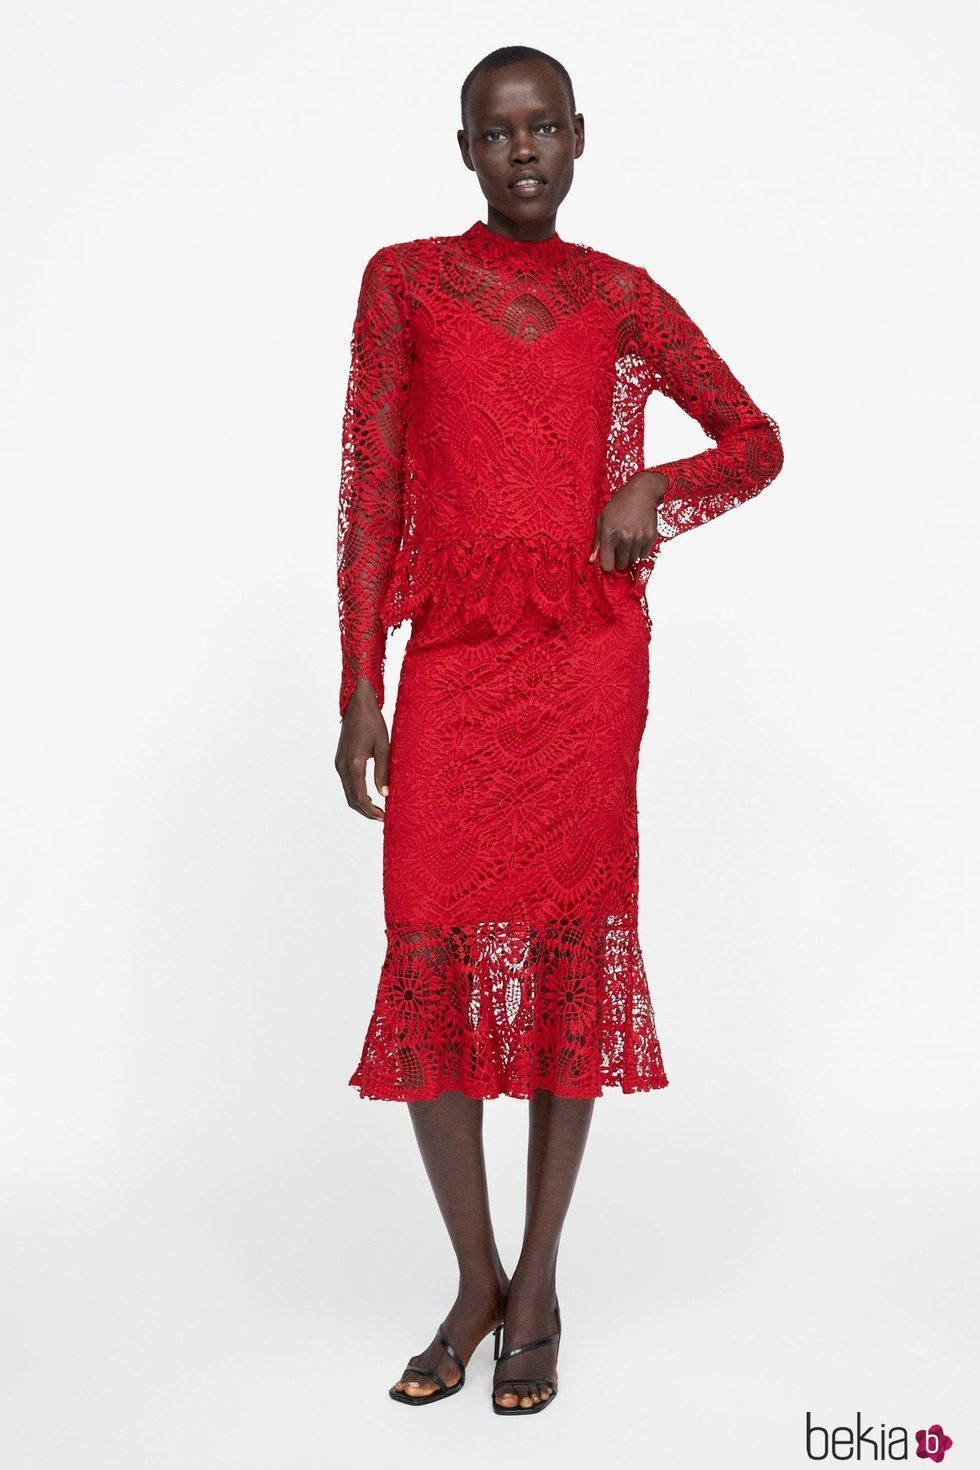 b9548c662 Vestido rojo encaje Zara primavera-verano 2019 - Colección primavera ...